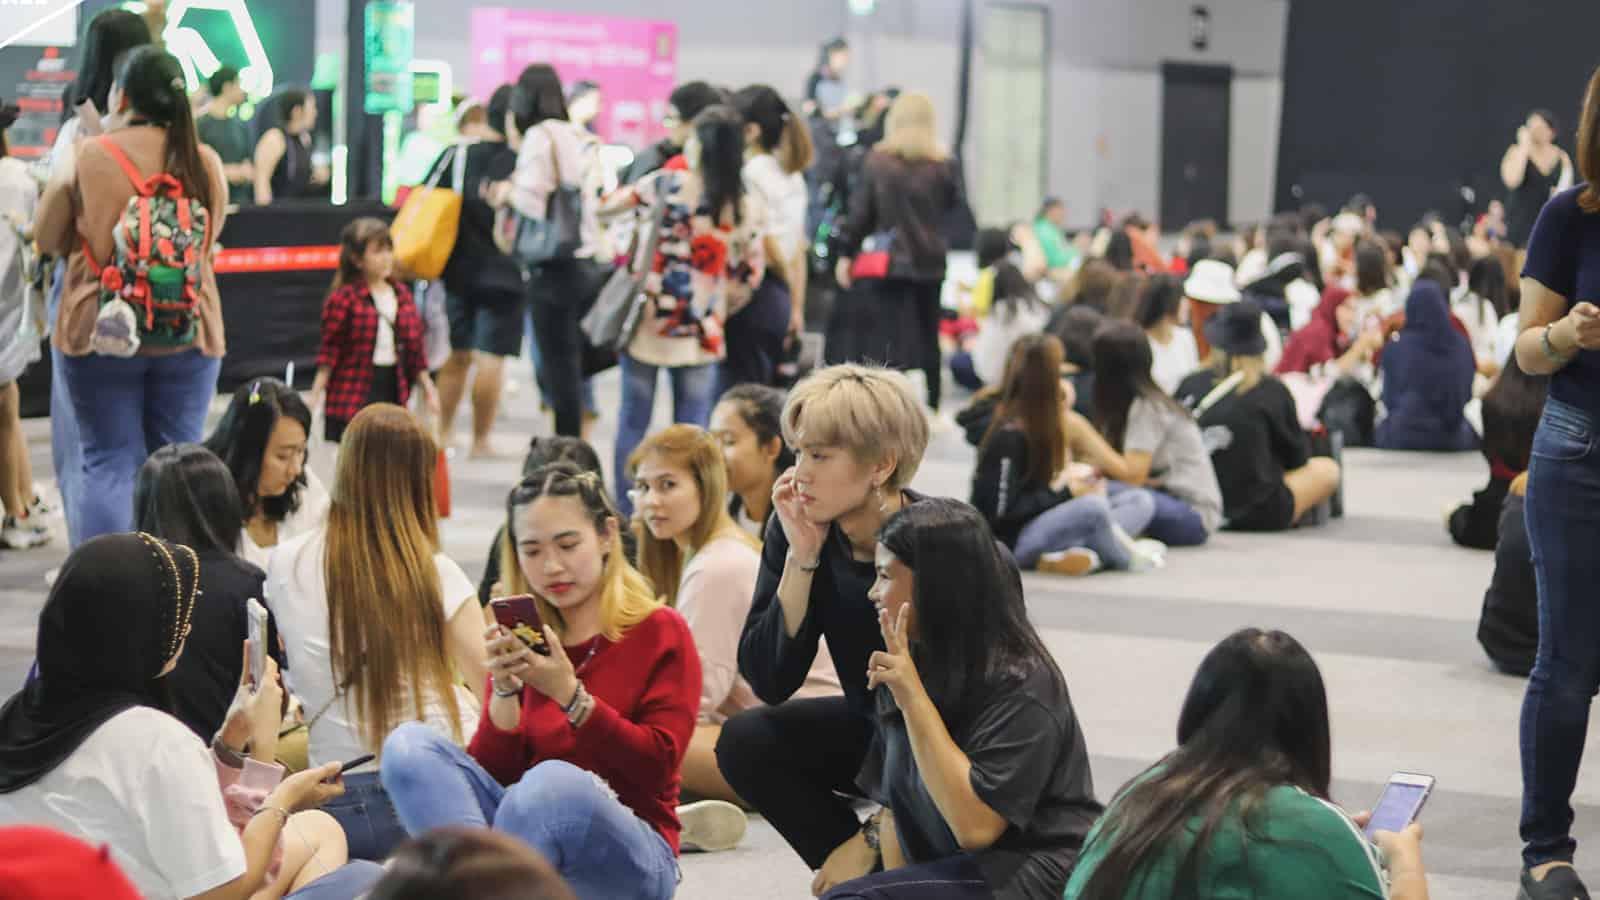 ภาพบรรยากาศงาน GOT7 FAN FEST 2019 'SEVEN SECRETS' IN BANGKOK